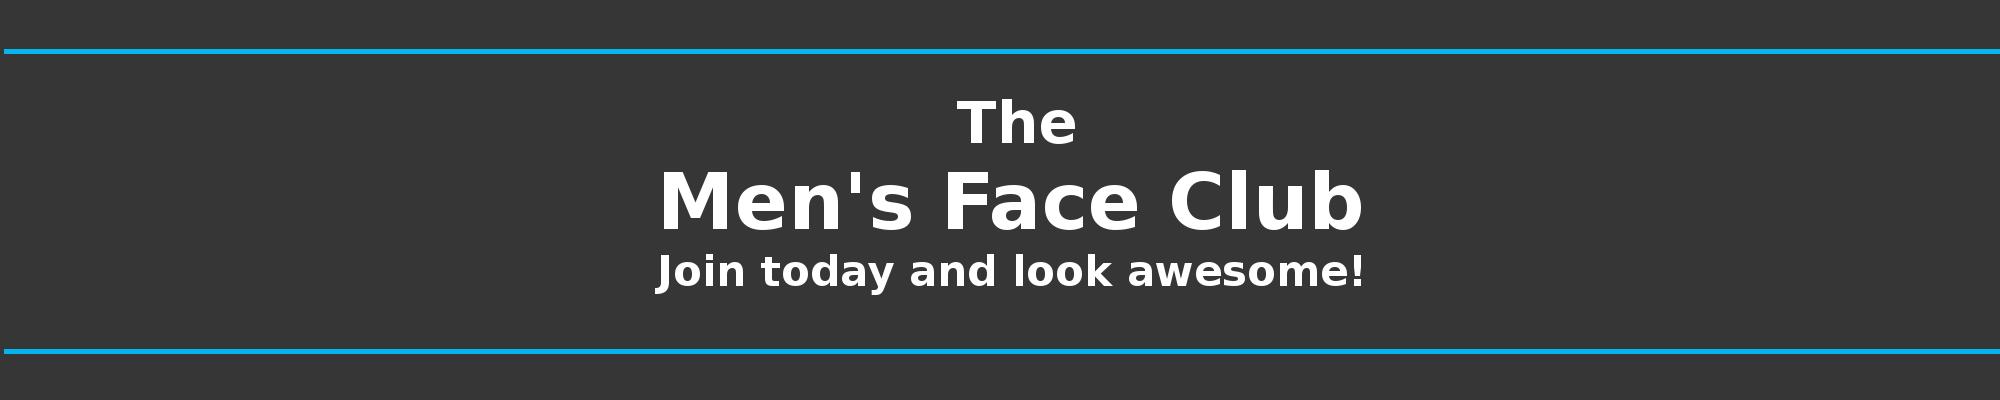 Men's Face Club Header